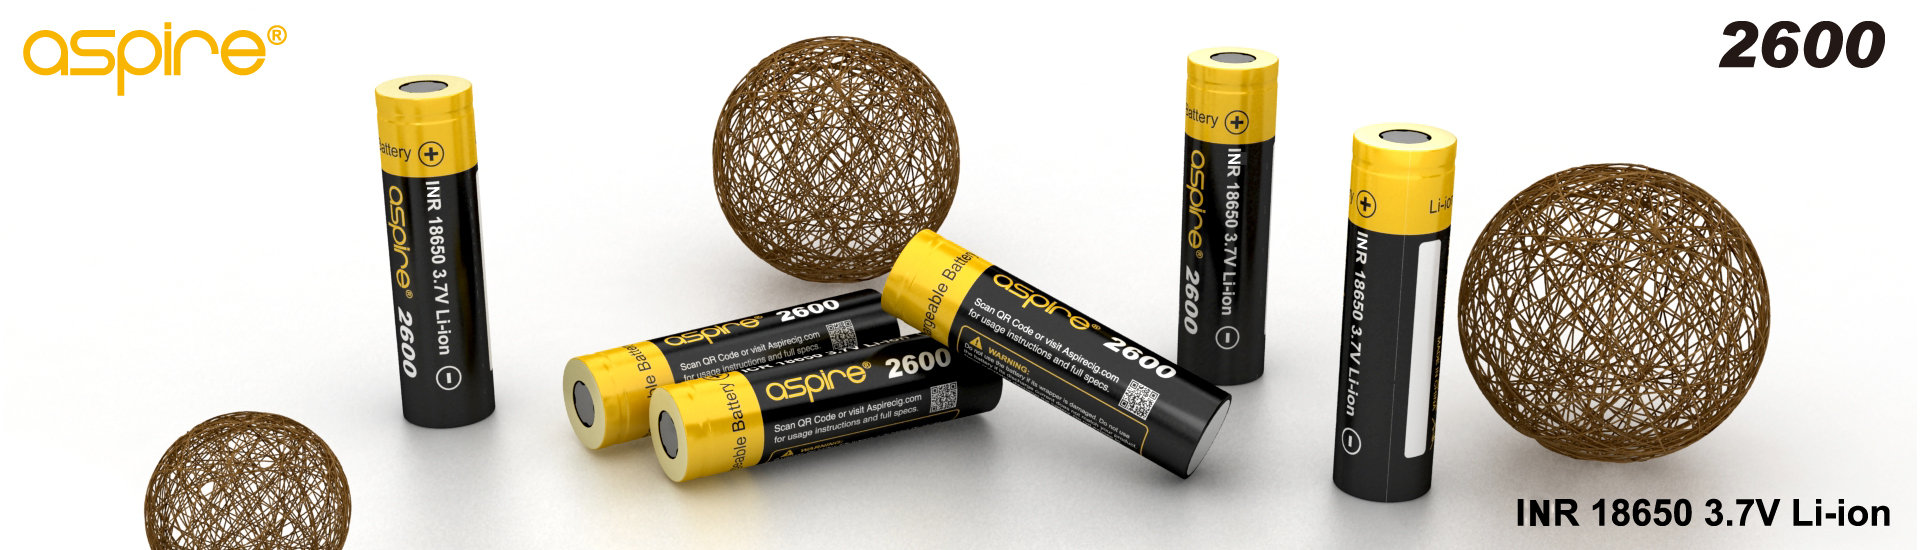 Aspire 18650 Battery(2600mAh)